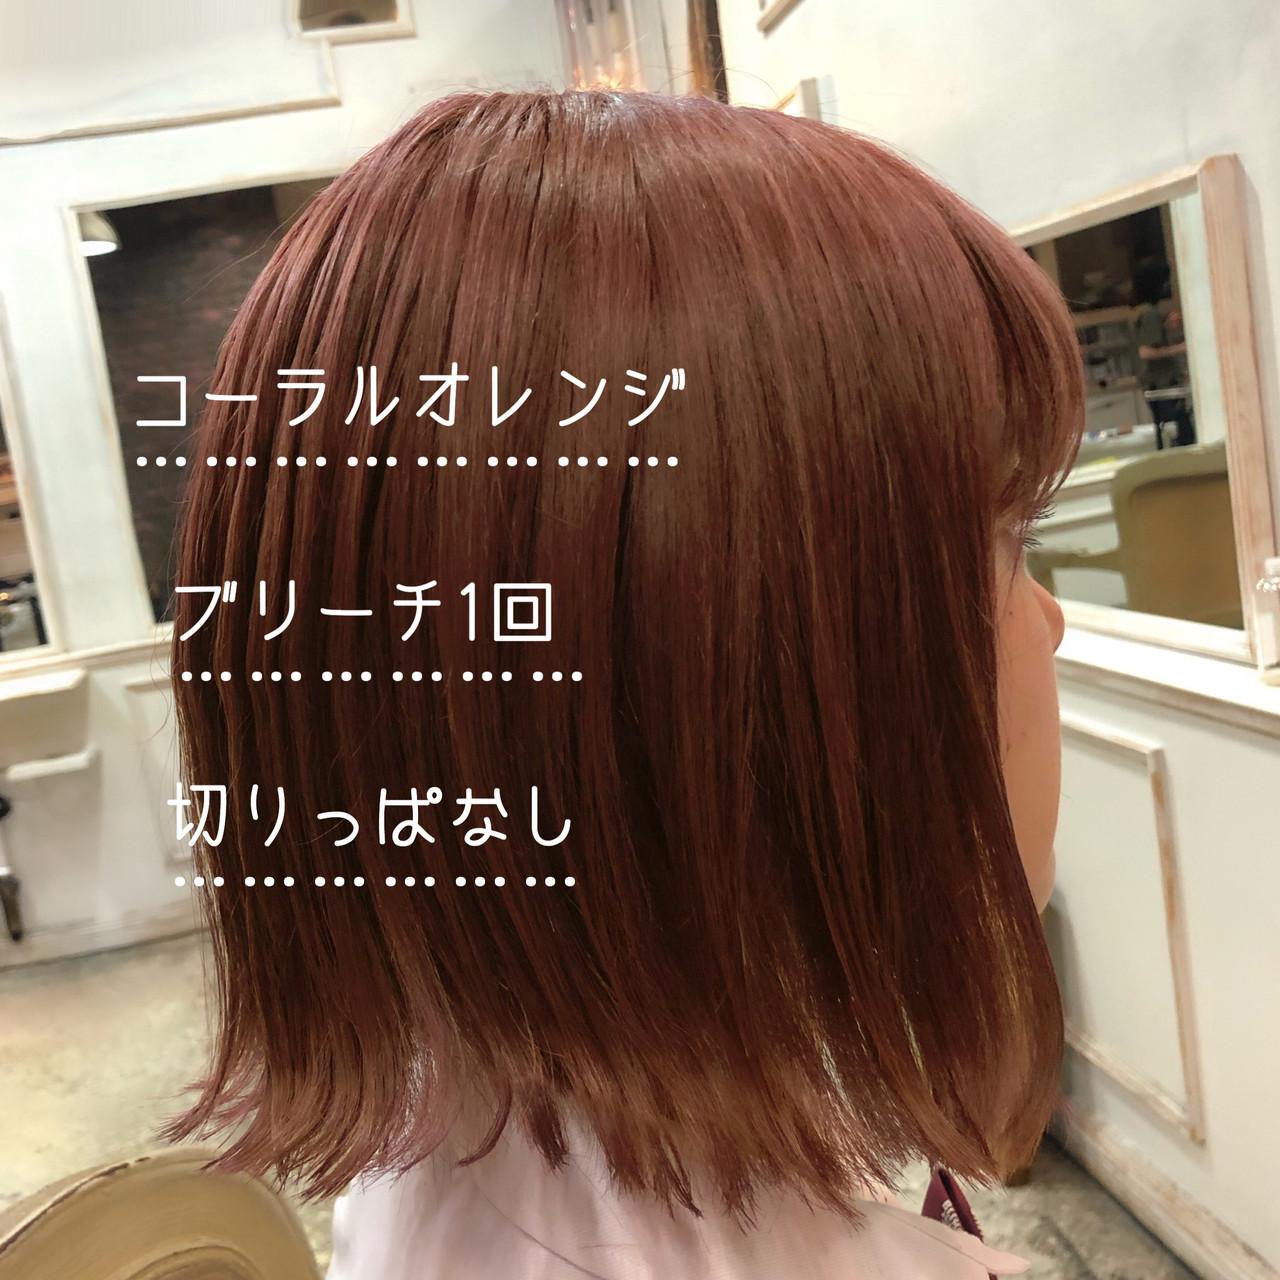 オレンジ ストリート ピンク ブリーチカラー ヘアスタイルや髪型の写真・画像